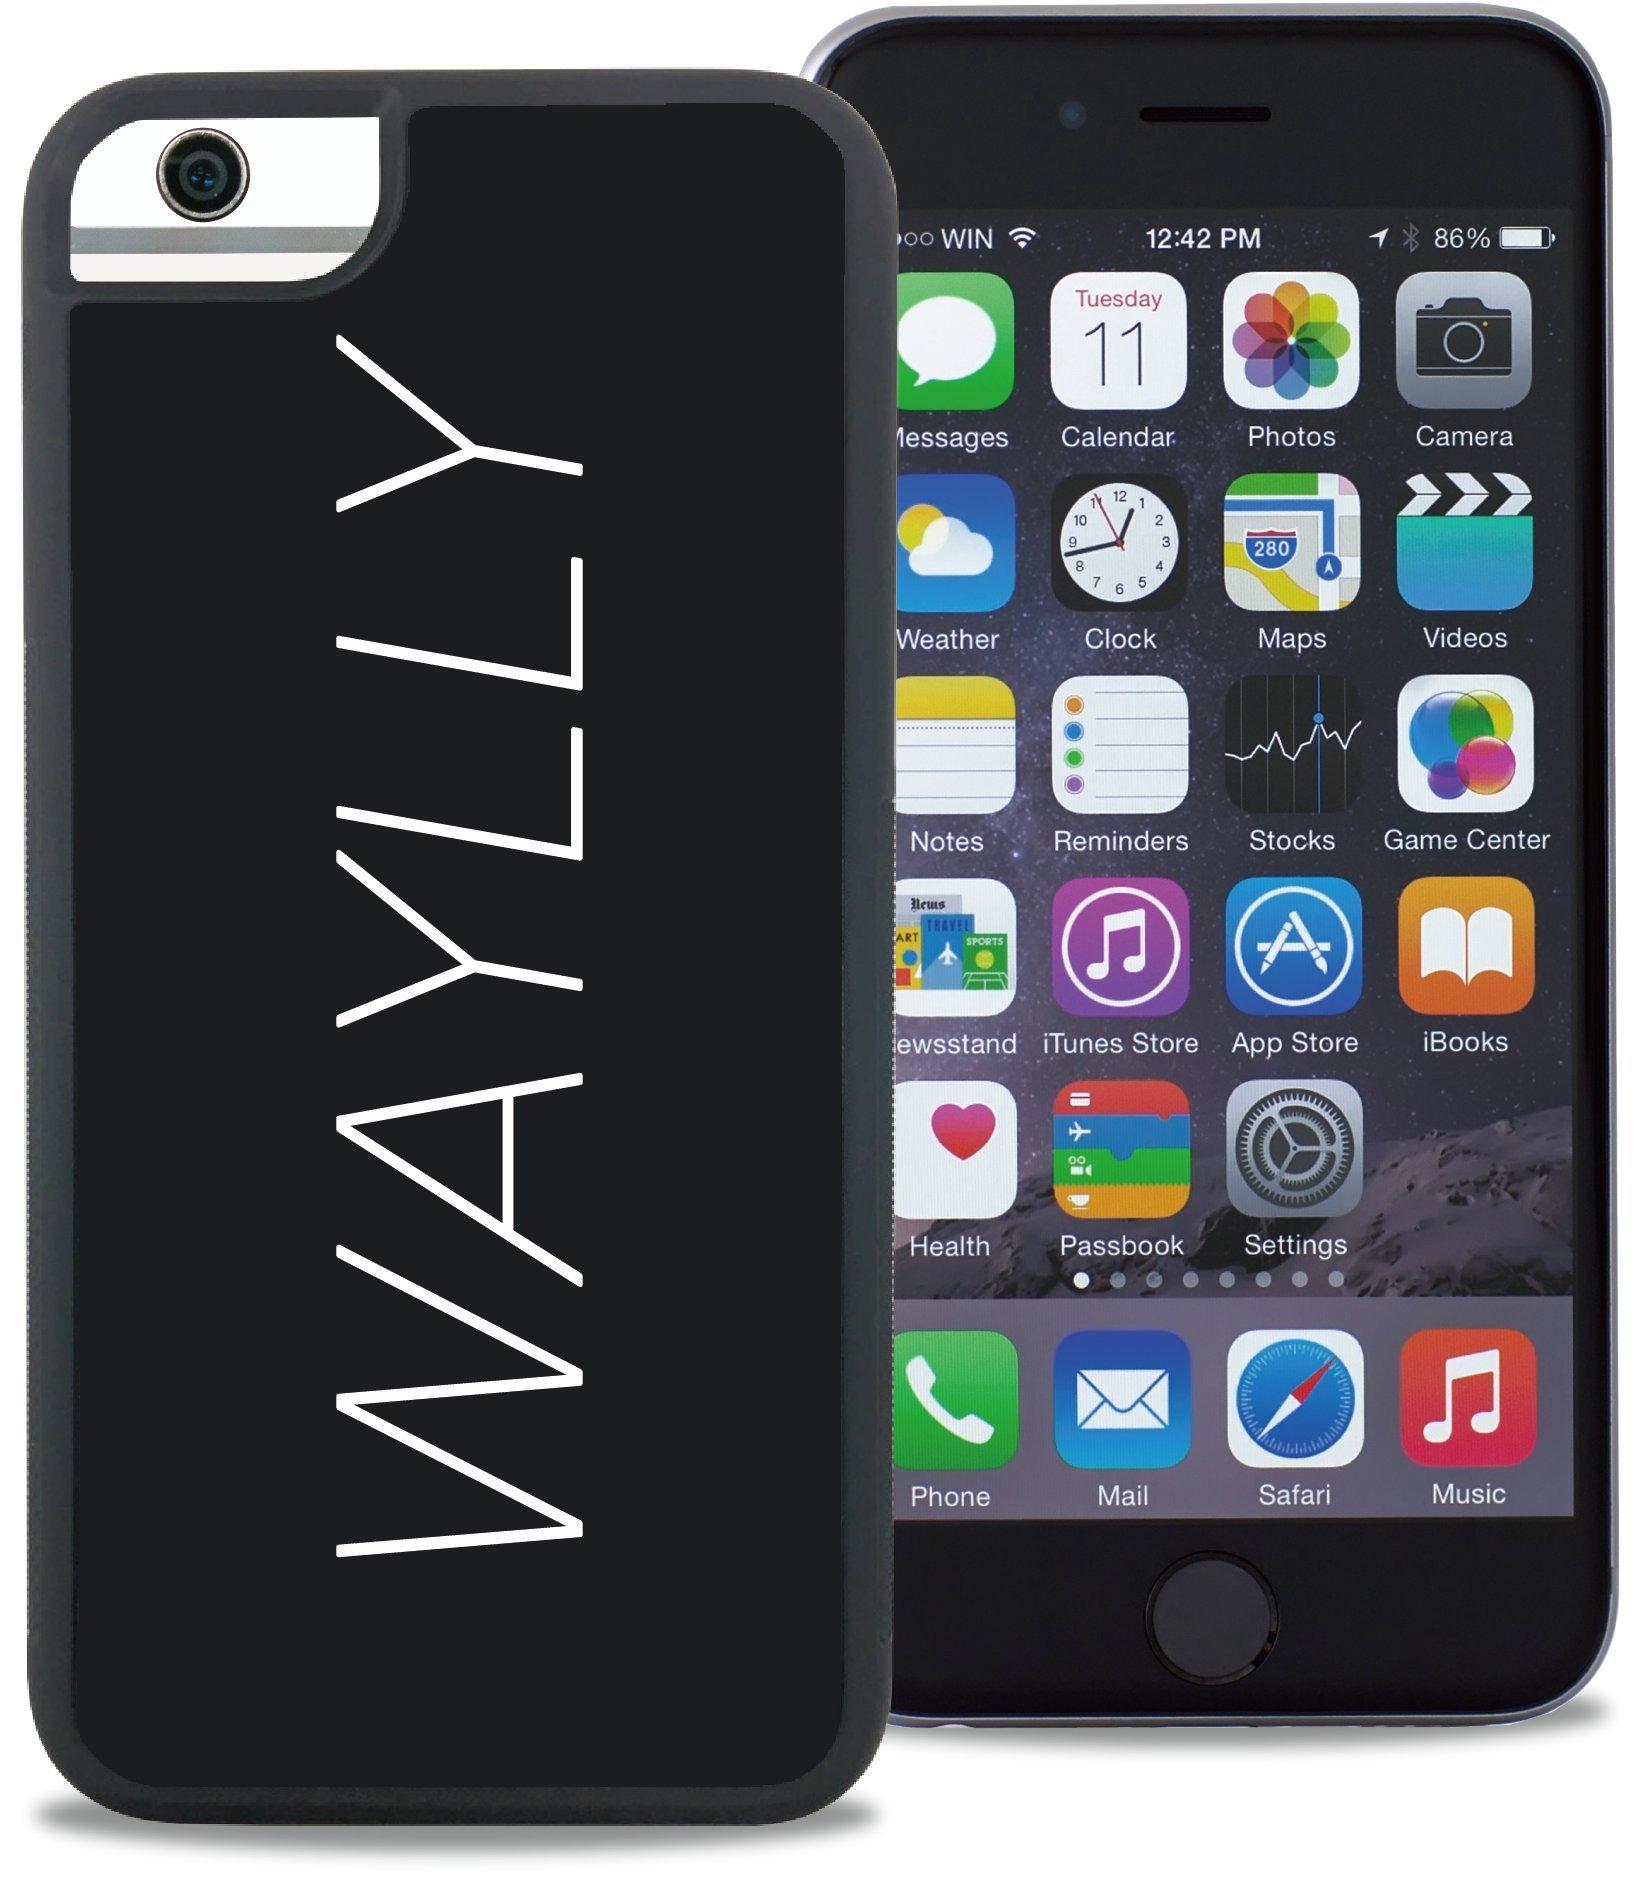 WAYLLY ウェイリー iPhoneケース iPhone 6/6s/7/8 対応 どこでもくっつく 耐衝撃 (LOGO WHITE)